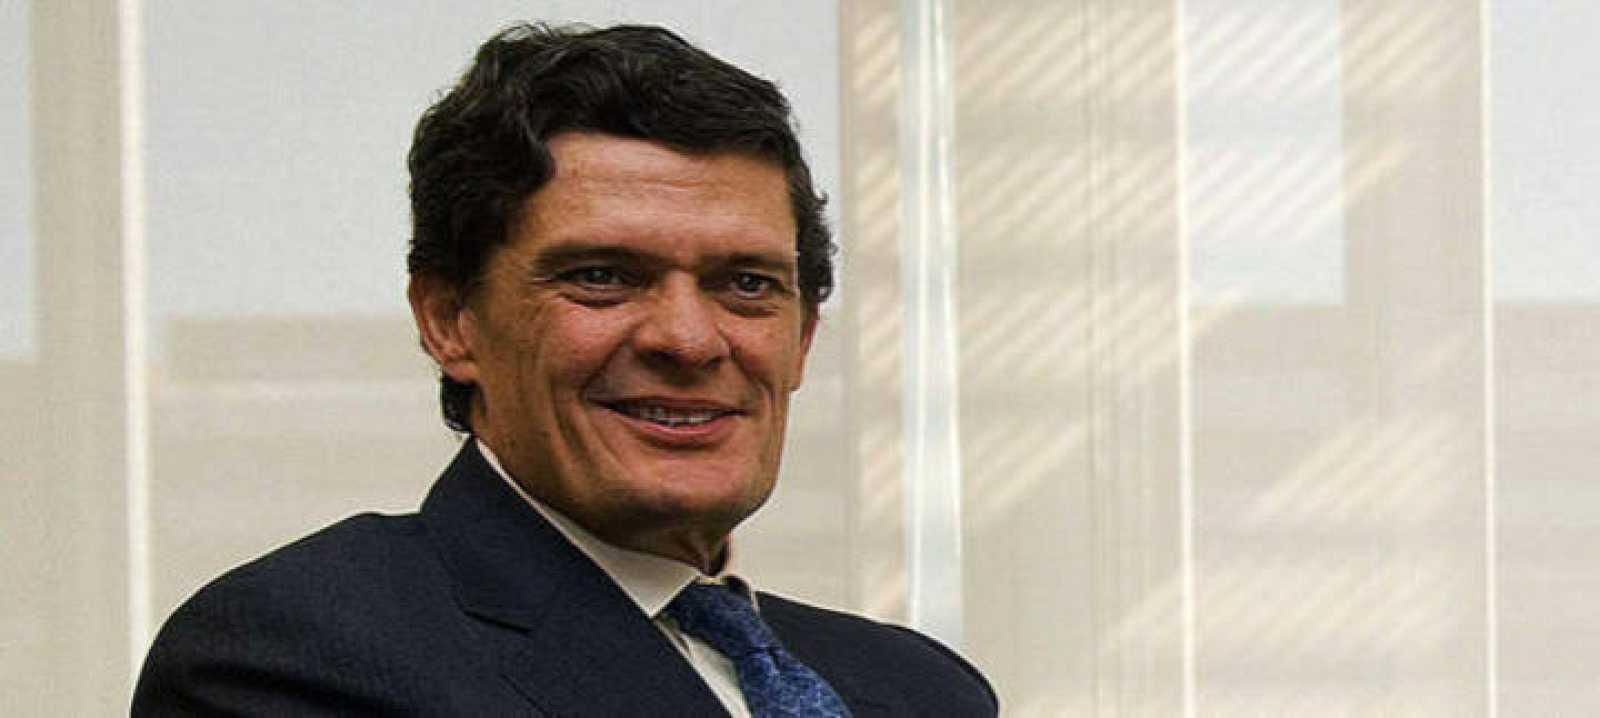 El consejero delegado de la Sareb, Jaime Echegoyen